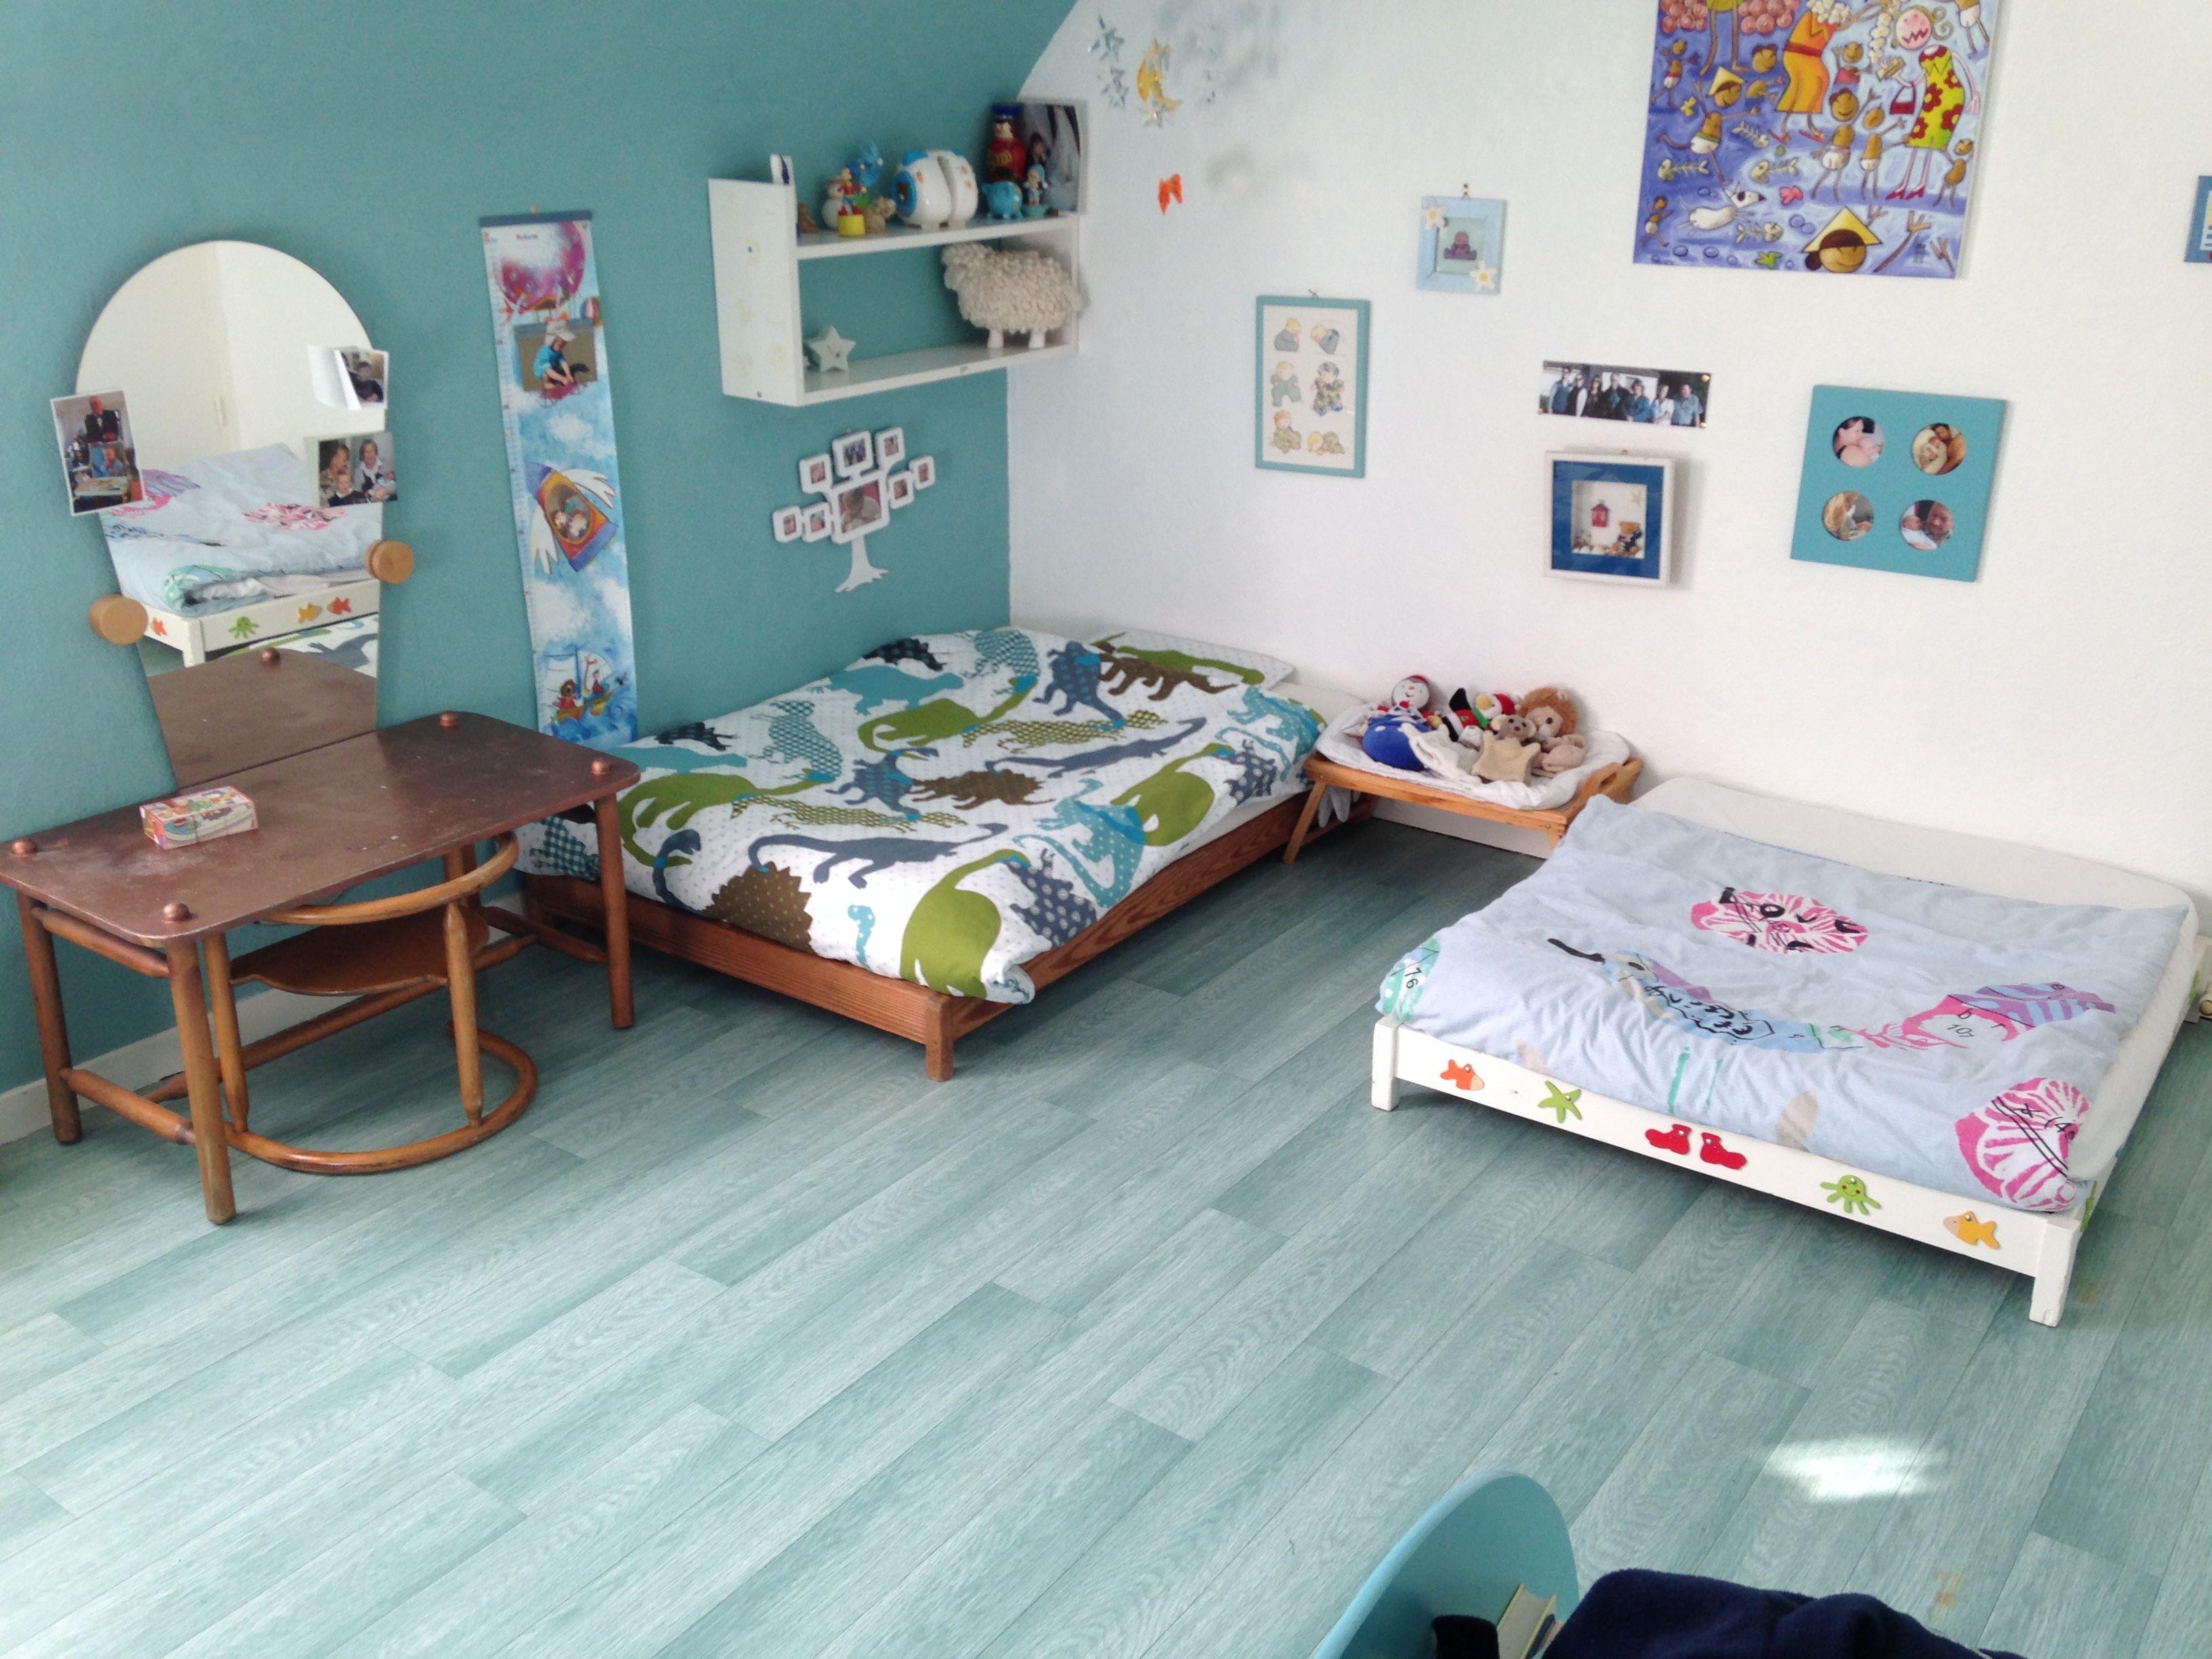 La chambre de bébé selon la pédagogie Montessori - Bio-info